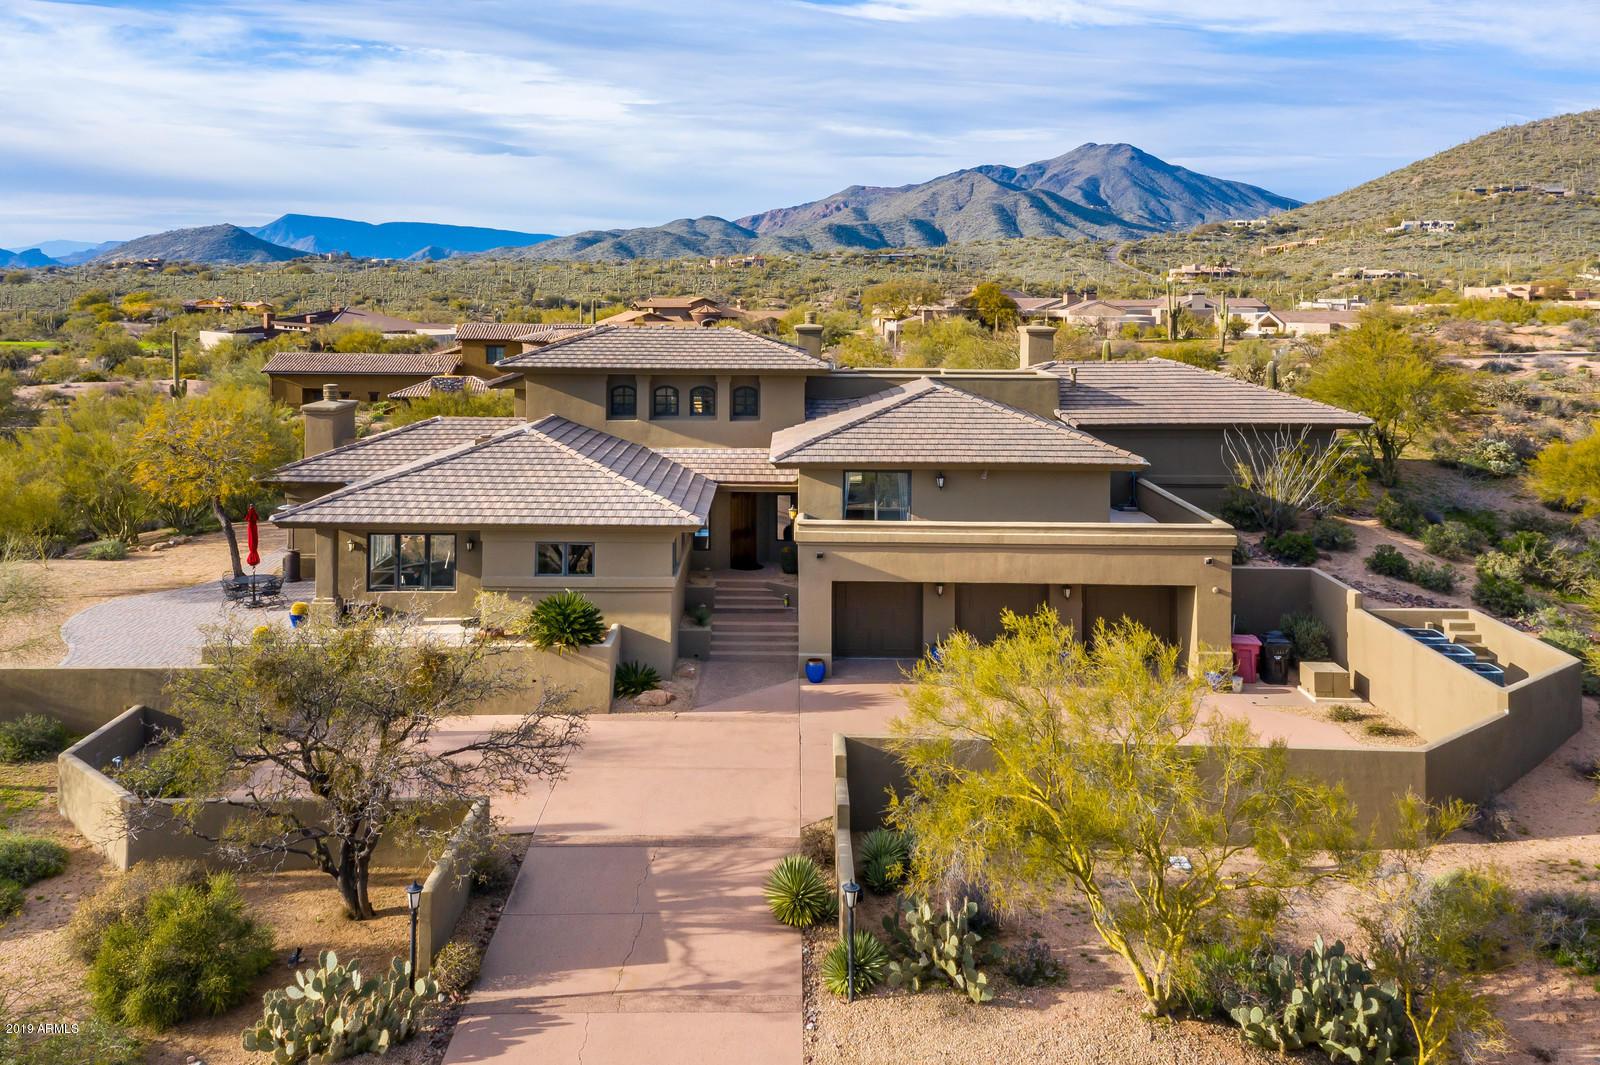 MLS 5887600 9230 E Andora Hills Drive, Scottsdale, AZ 85262 Scottsdale AZ Private Pool